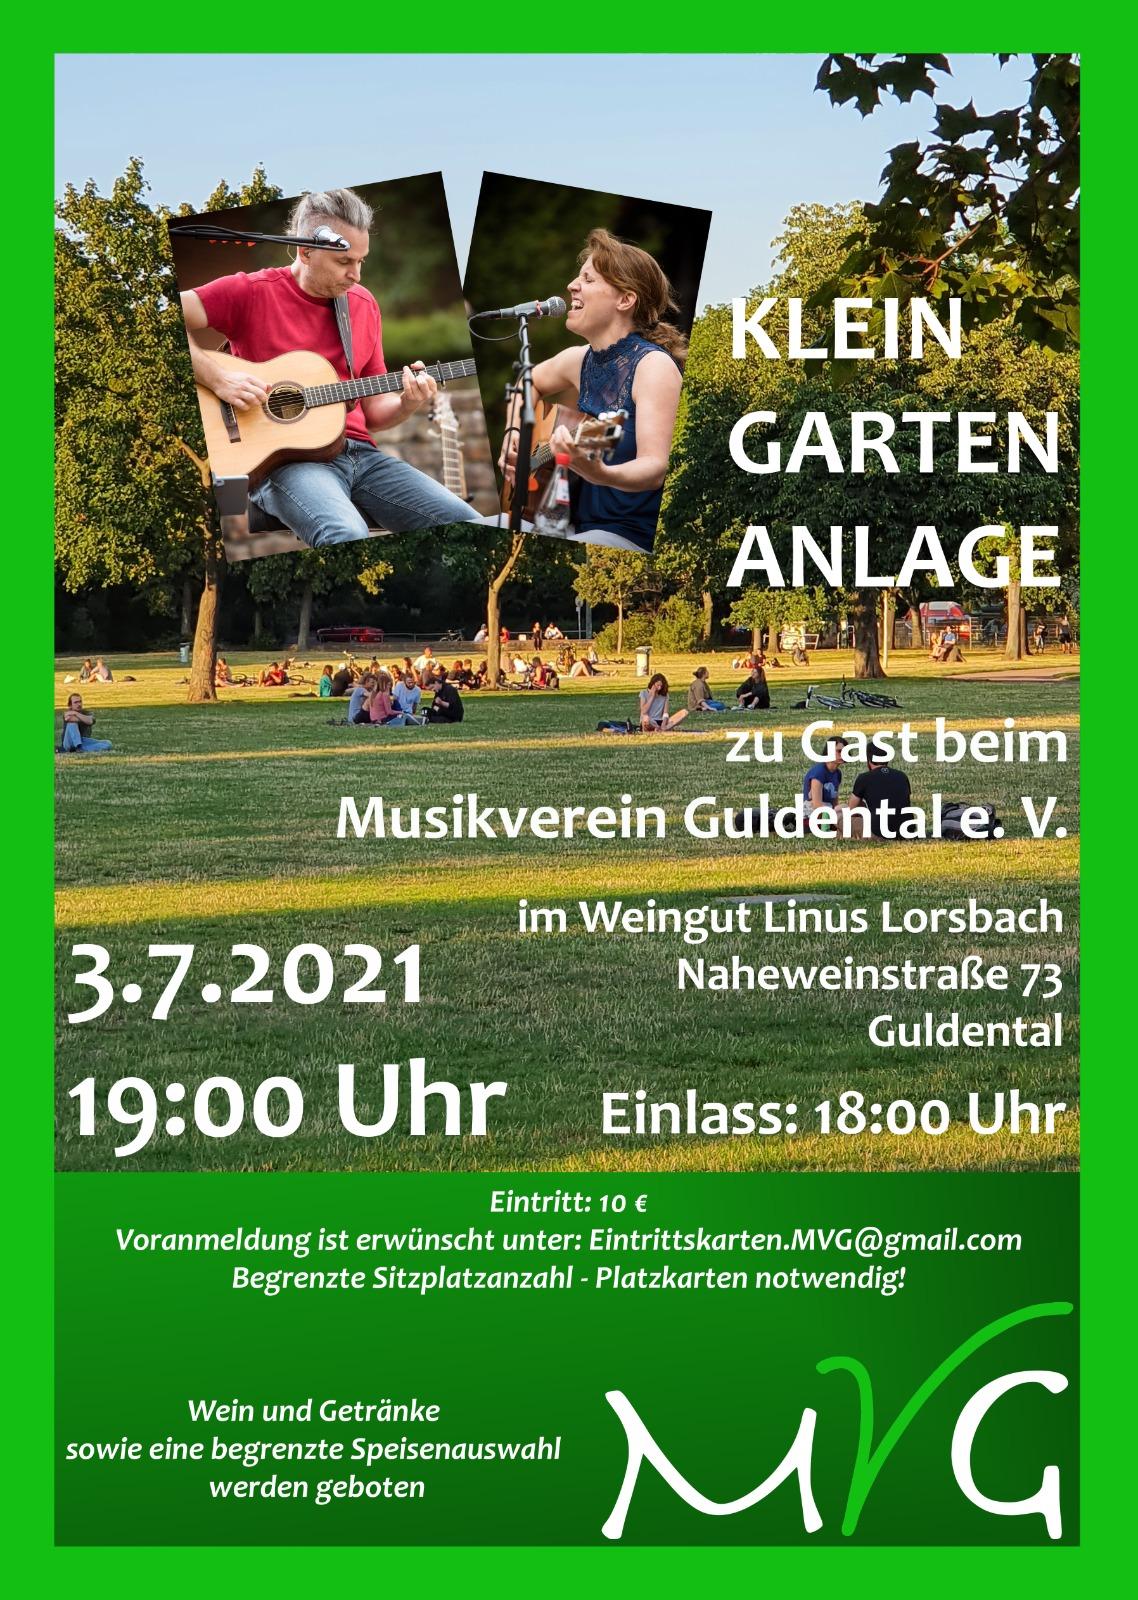 Open-Air-Konzert <br>KLEINGARTENANLAGE zu Gast beim Musikverein Guldental <br> 3. Juli 2021